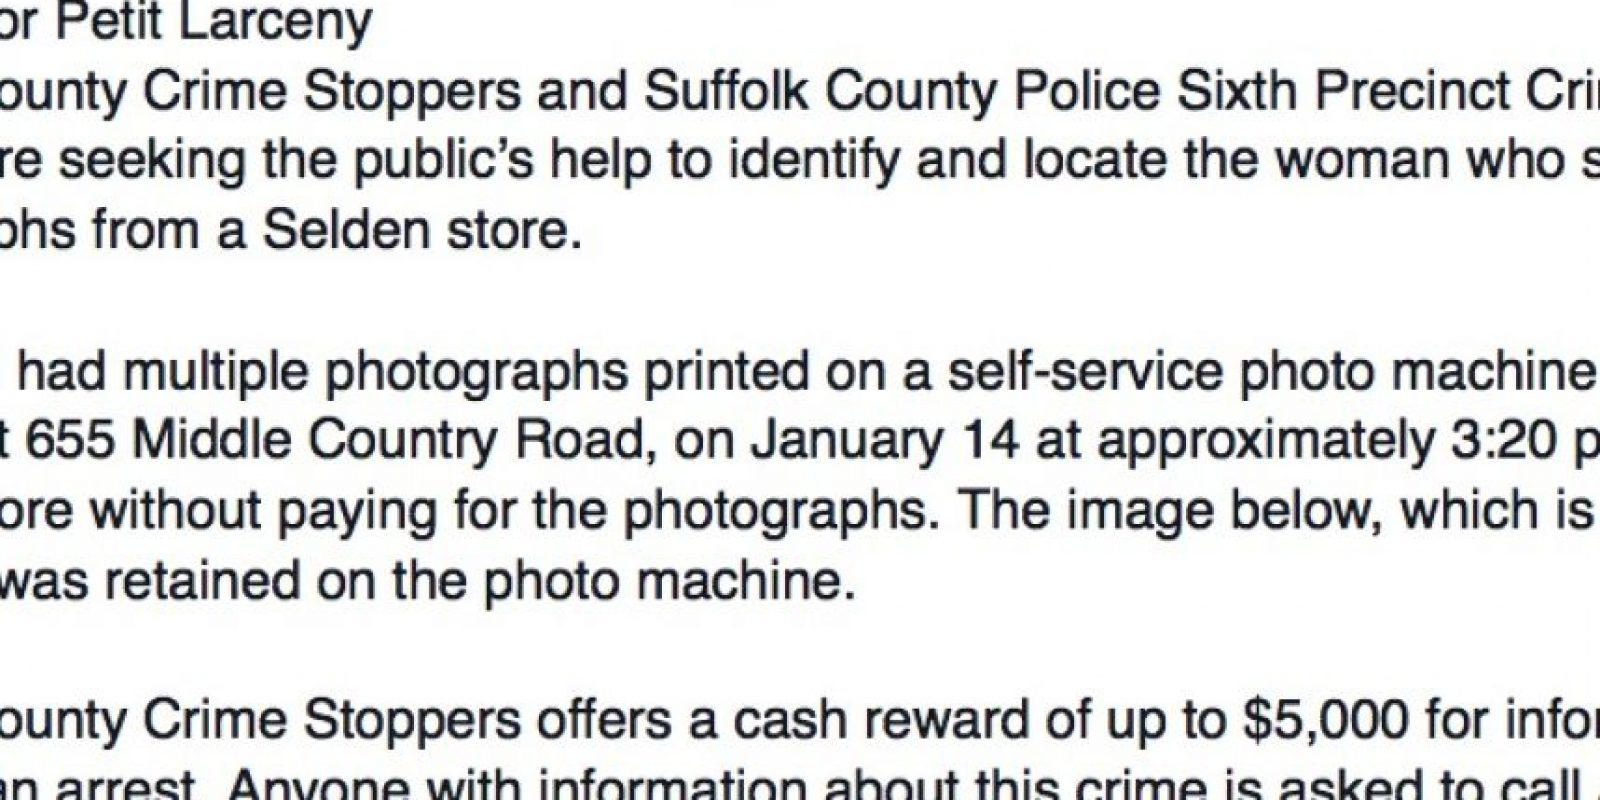 Dejó su selfie como evidencia. Darían hasta 5 mil dólares por la información. Foto:Facebook